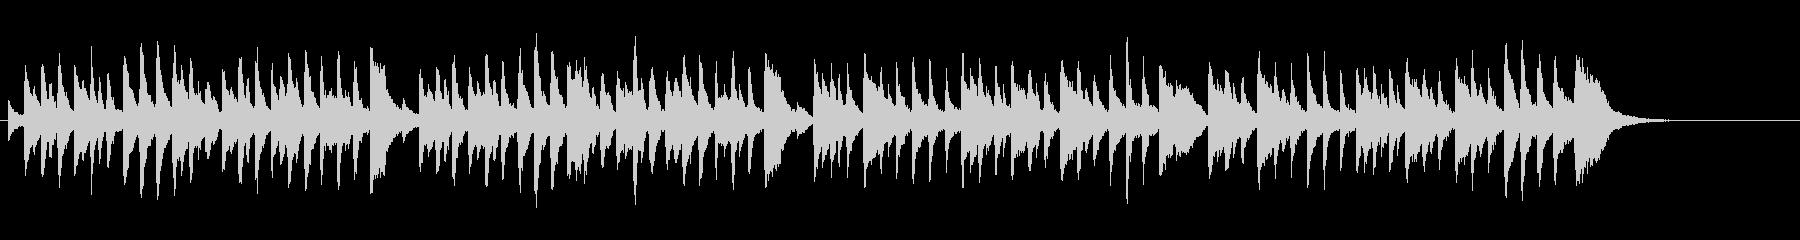 グラーツのワルツ第7番(シューベルト)の未再生の波形